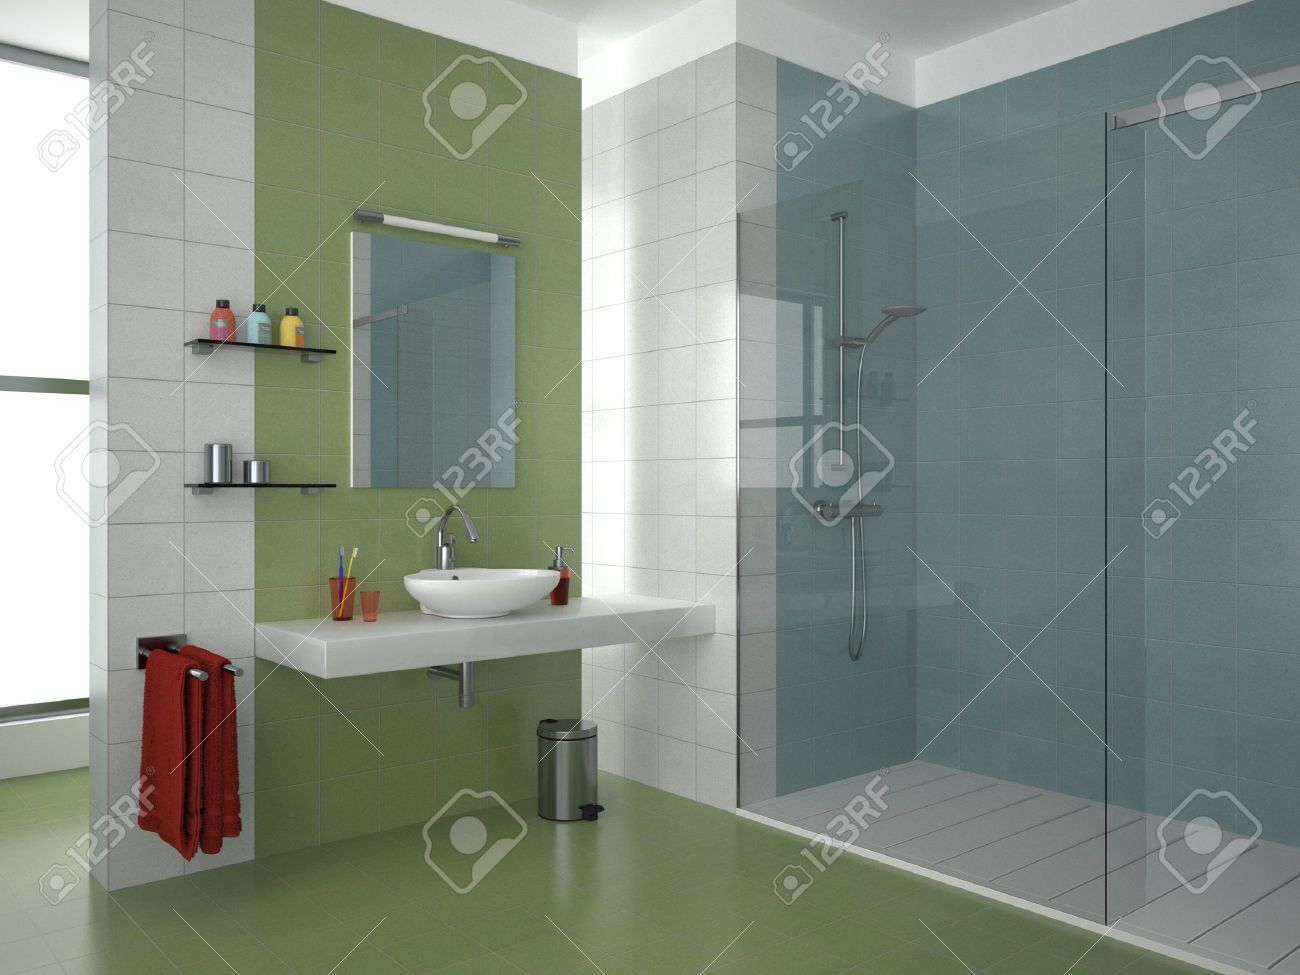 100+ [ piccoli bagni moderni ] | rivestimenti per il bagno 10 idee ... - Bagni Moderni Mattonelle